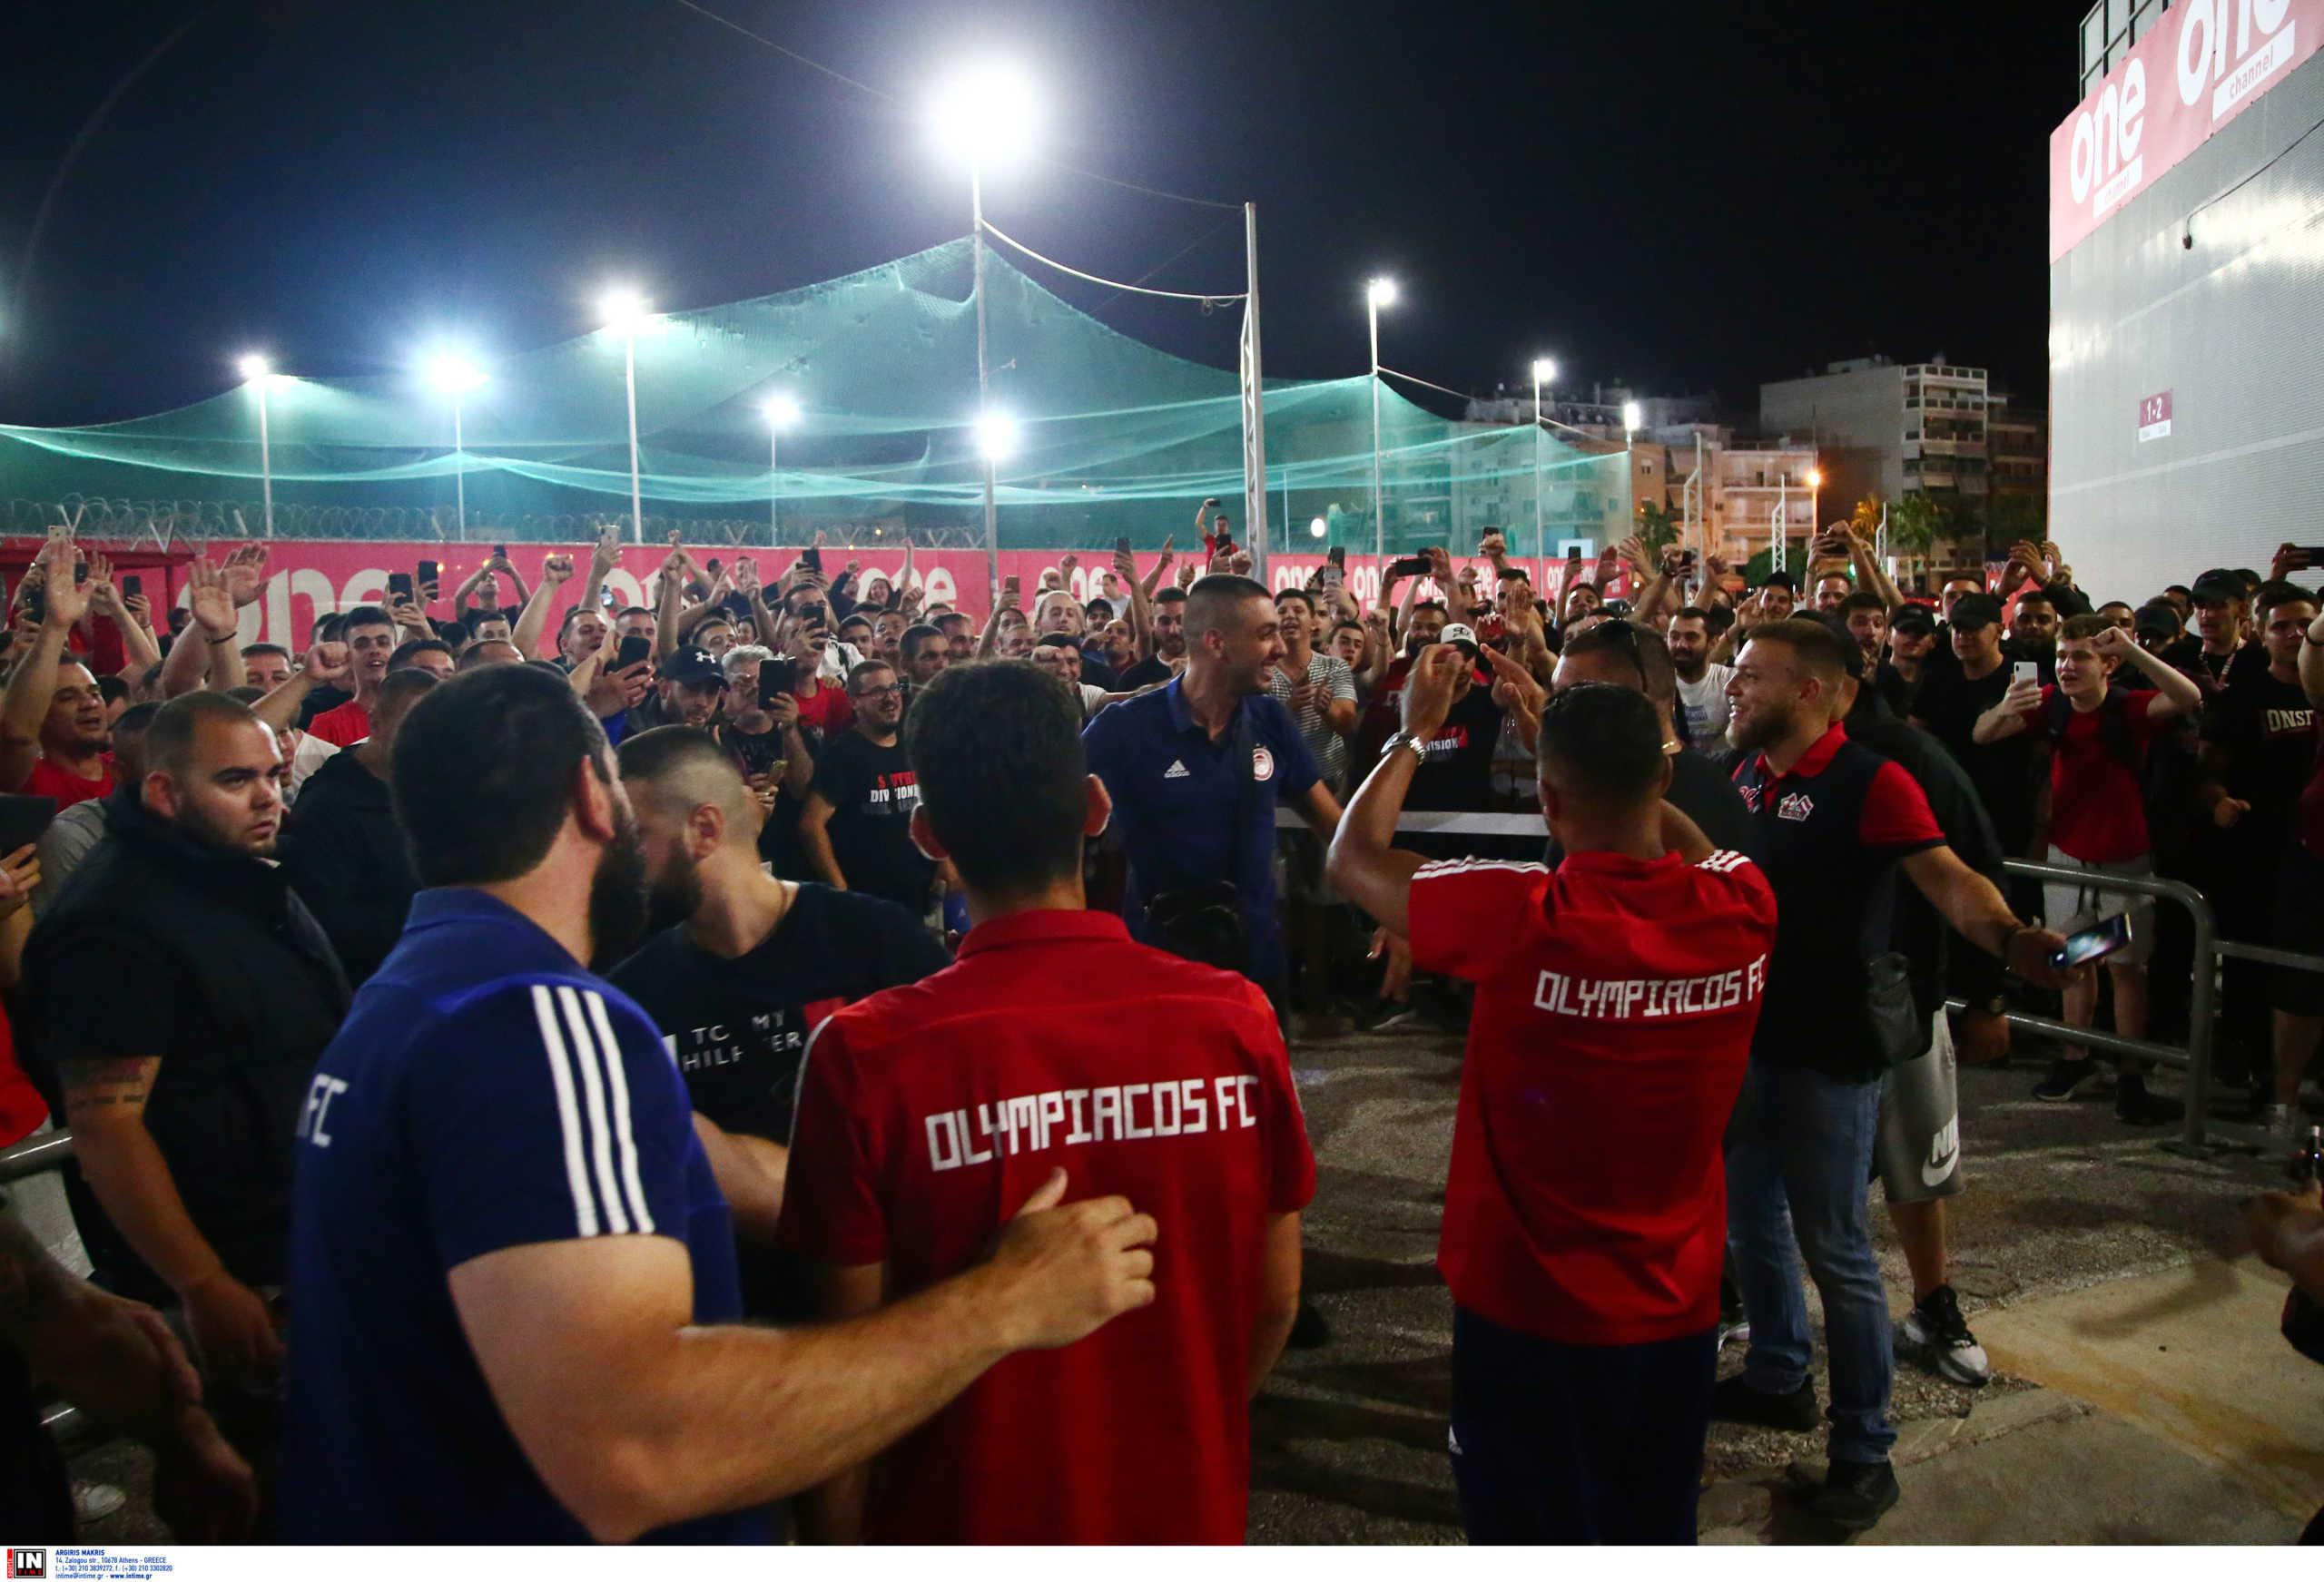 Ολυμπιακός: Οργάνωσε… εξέδρα ο Βαλμπουενά! Τα λόγια του Φορτούνη στους οπαδούς (video)